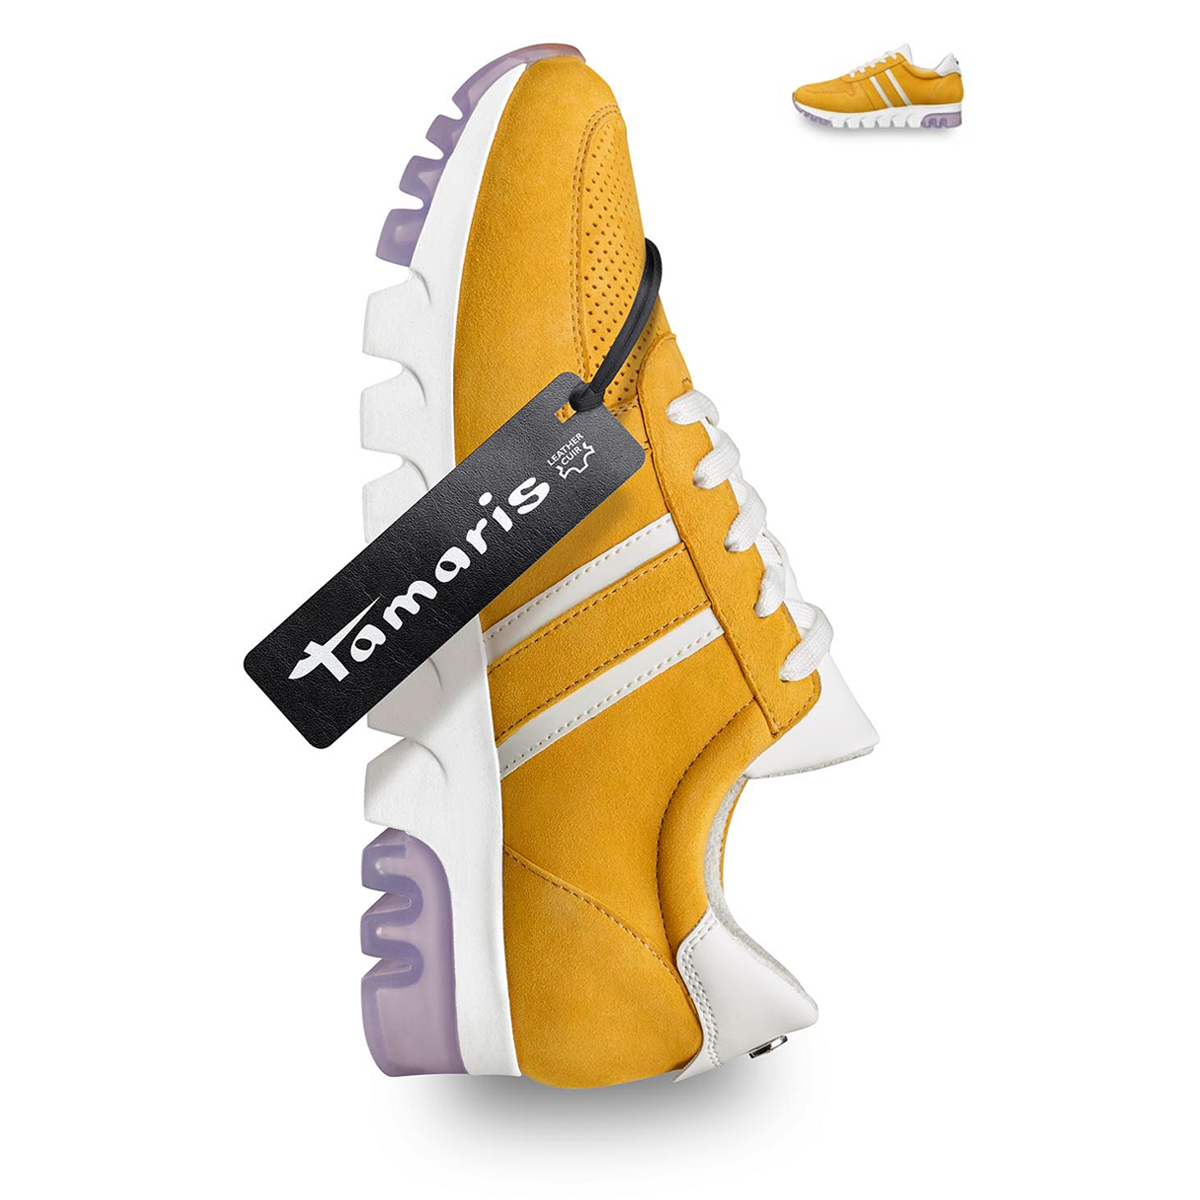 Ledersneaker | Sneaker gelb, Gelbe turnschuhe und Turnschuhe